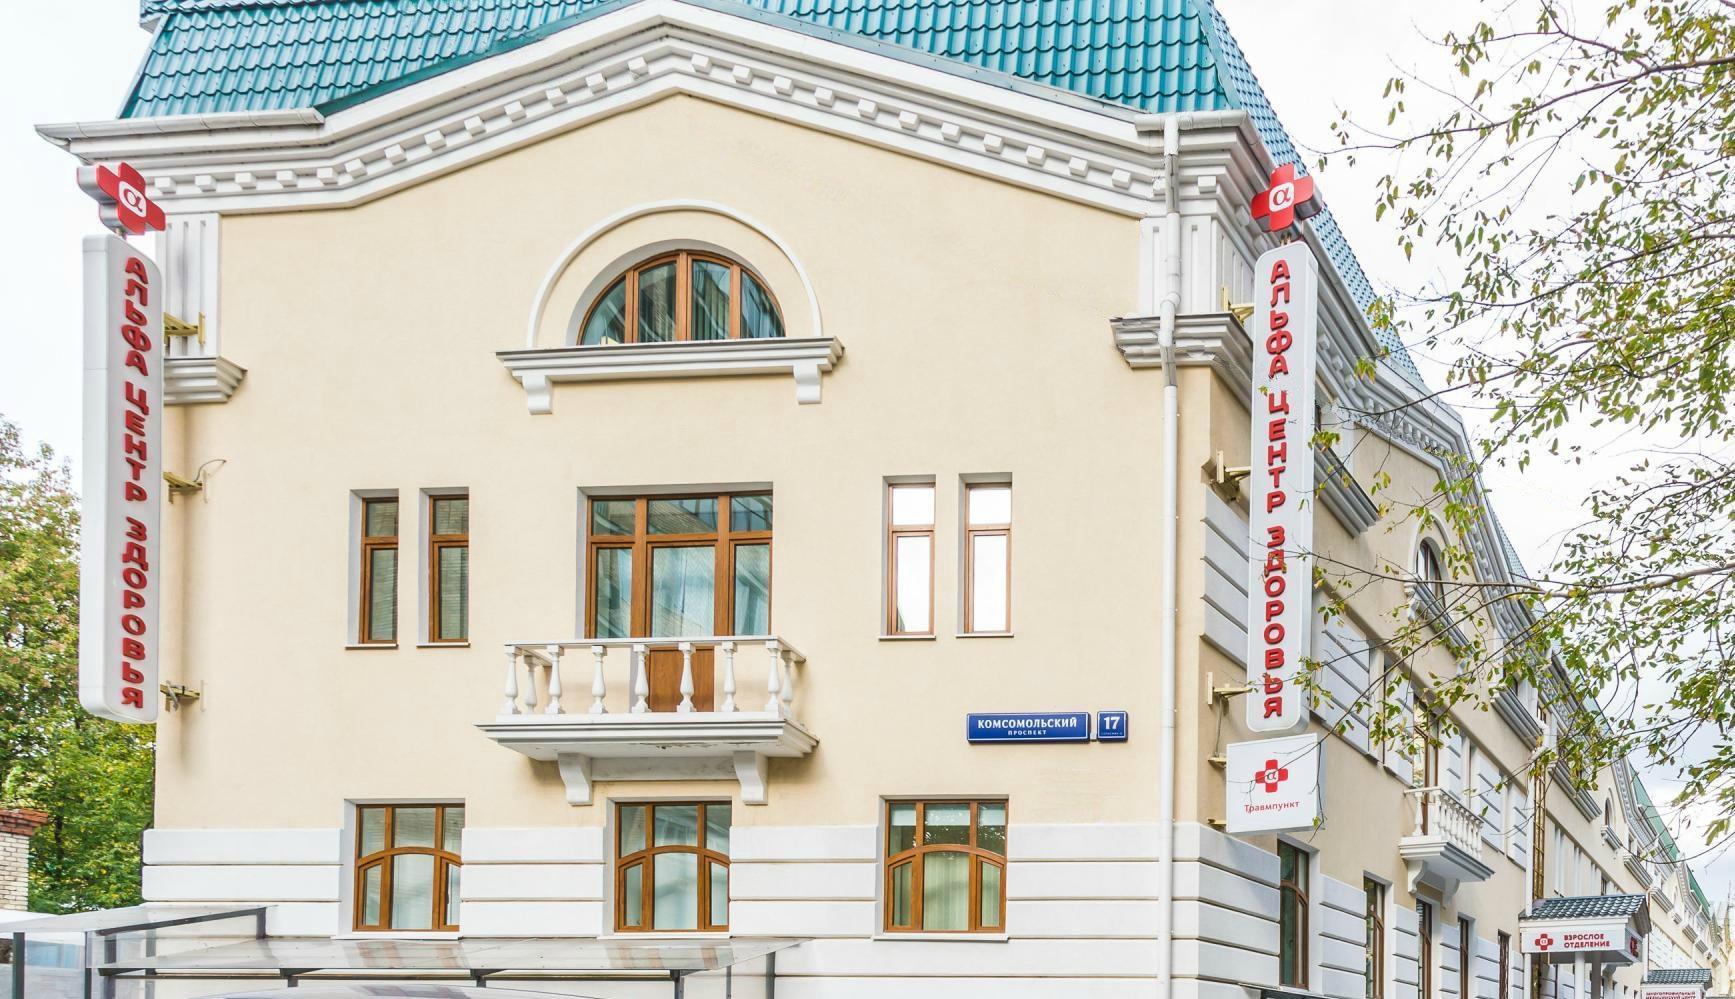 Спе�иали��� многоп�о�ил�ной клиники Ал��аЦен�� Здо�ов�я